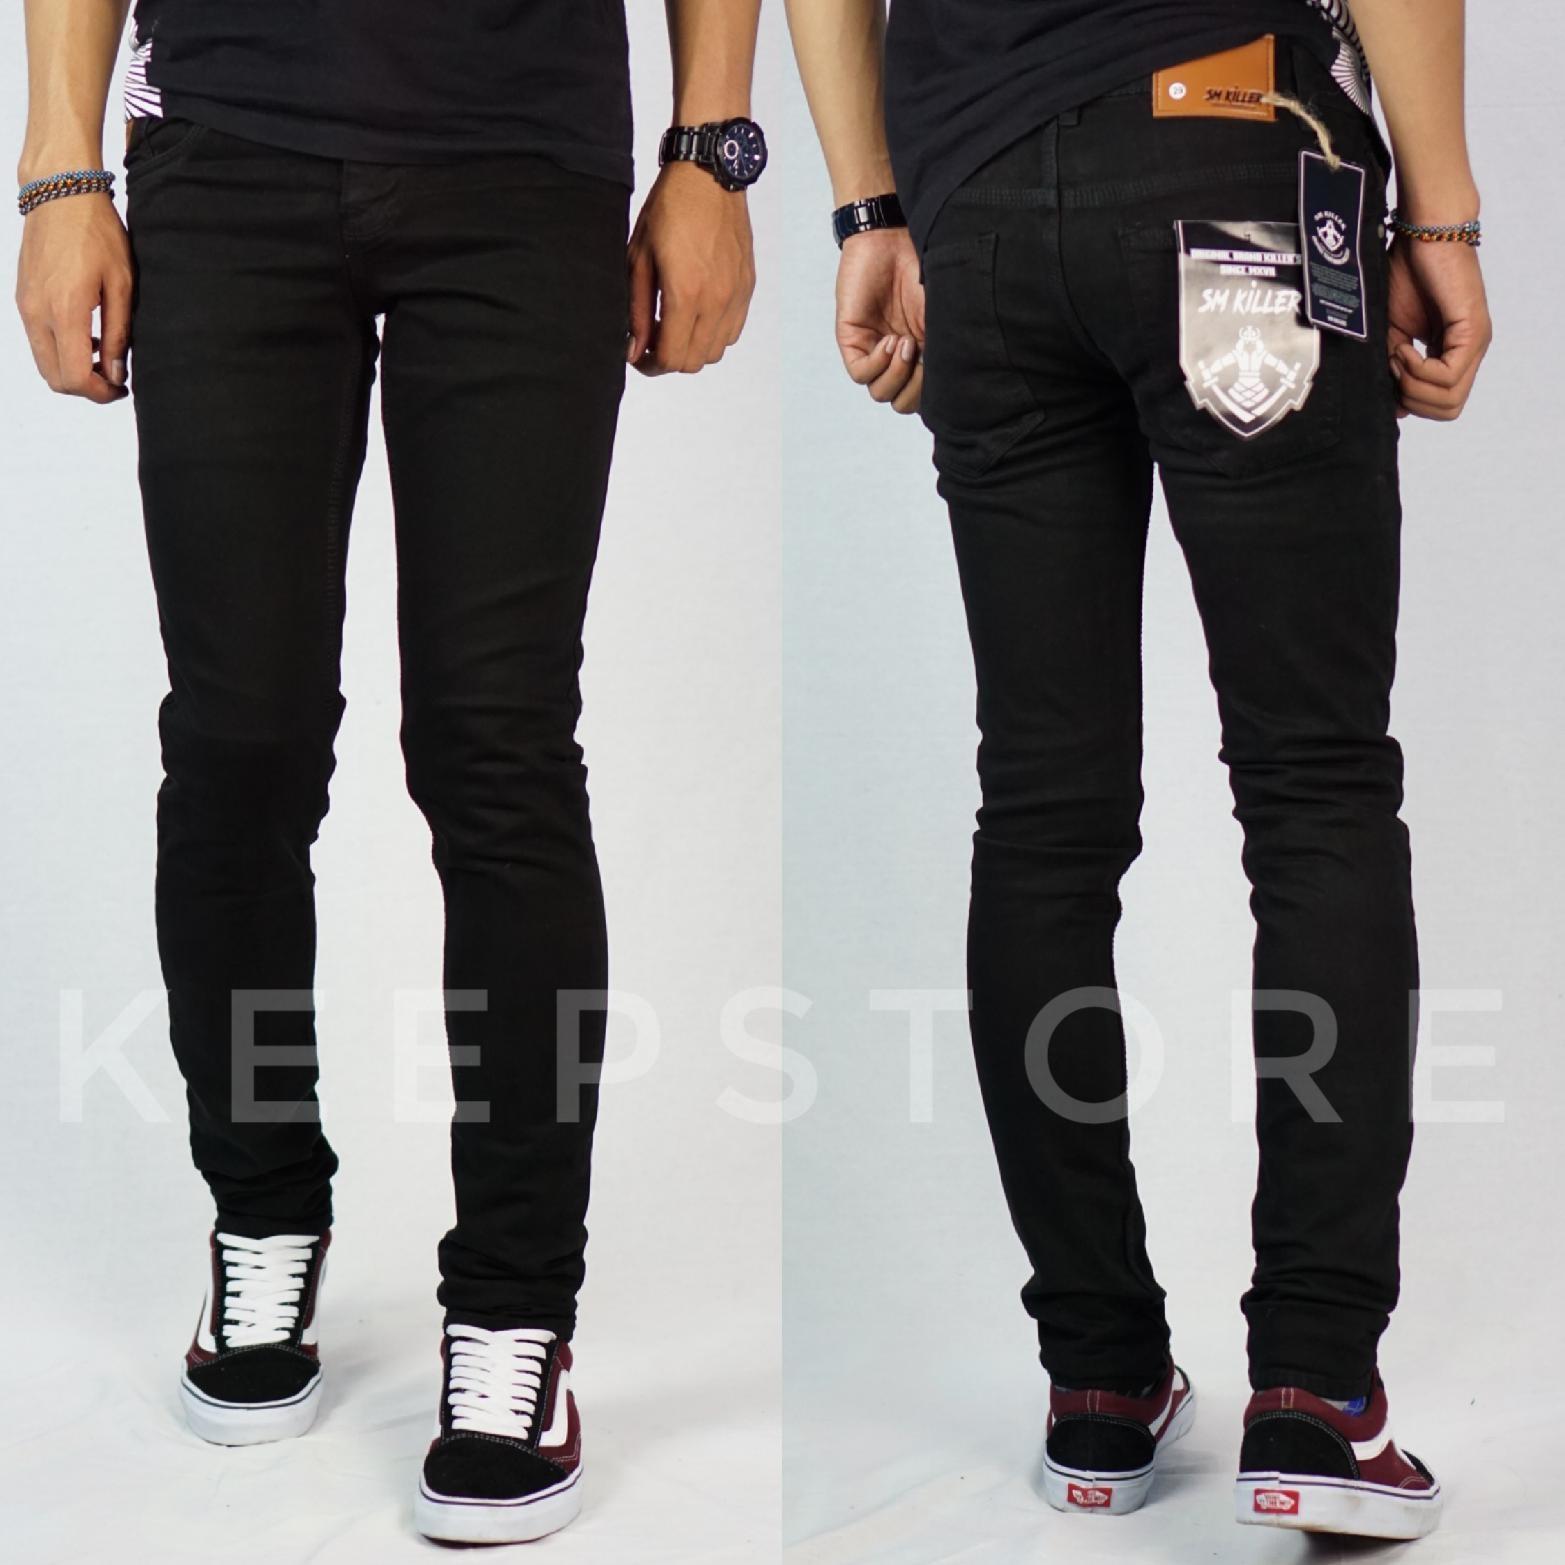 Celana jeans pria / jeans skinny / slimfit / pensil (sm killer)